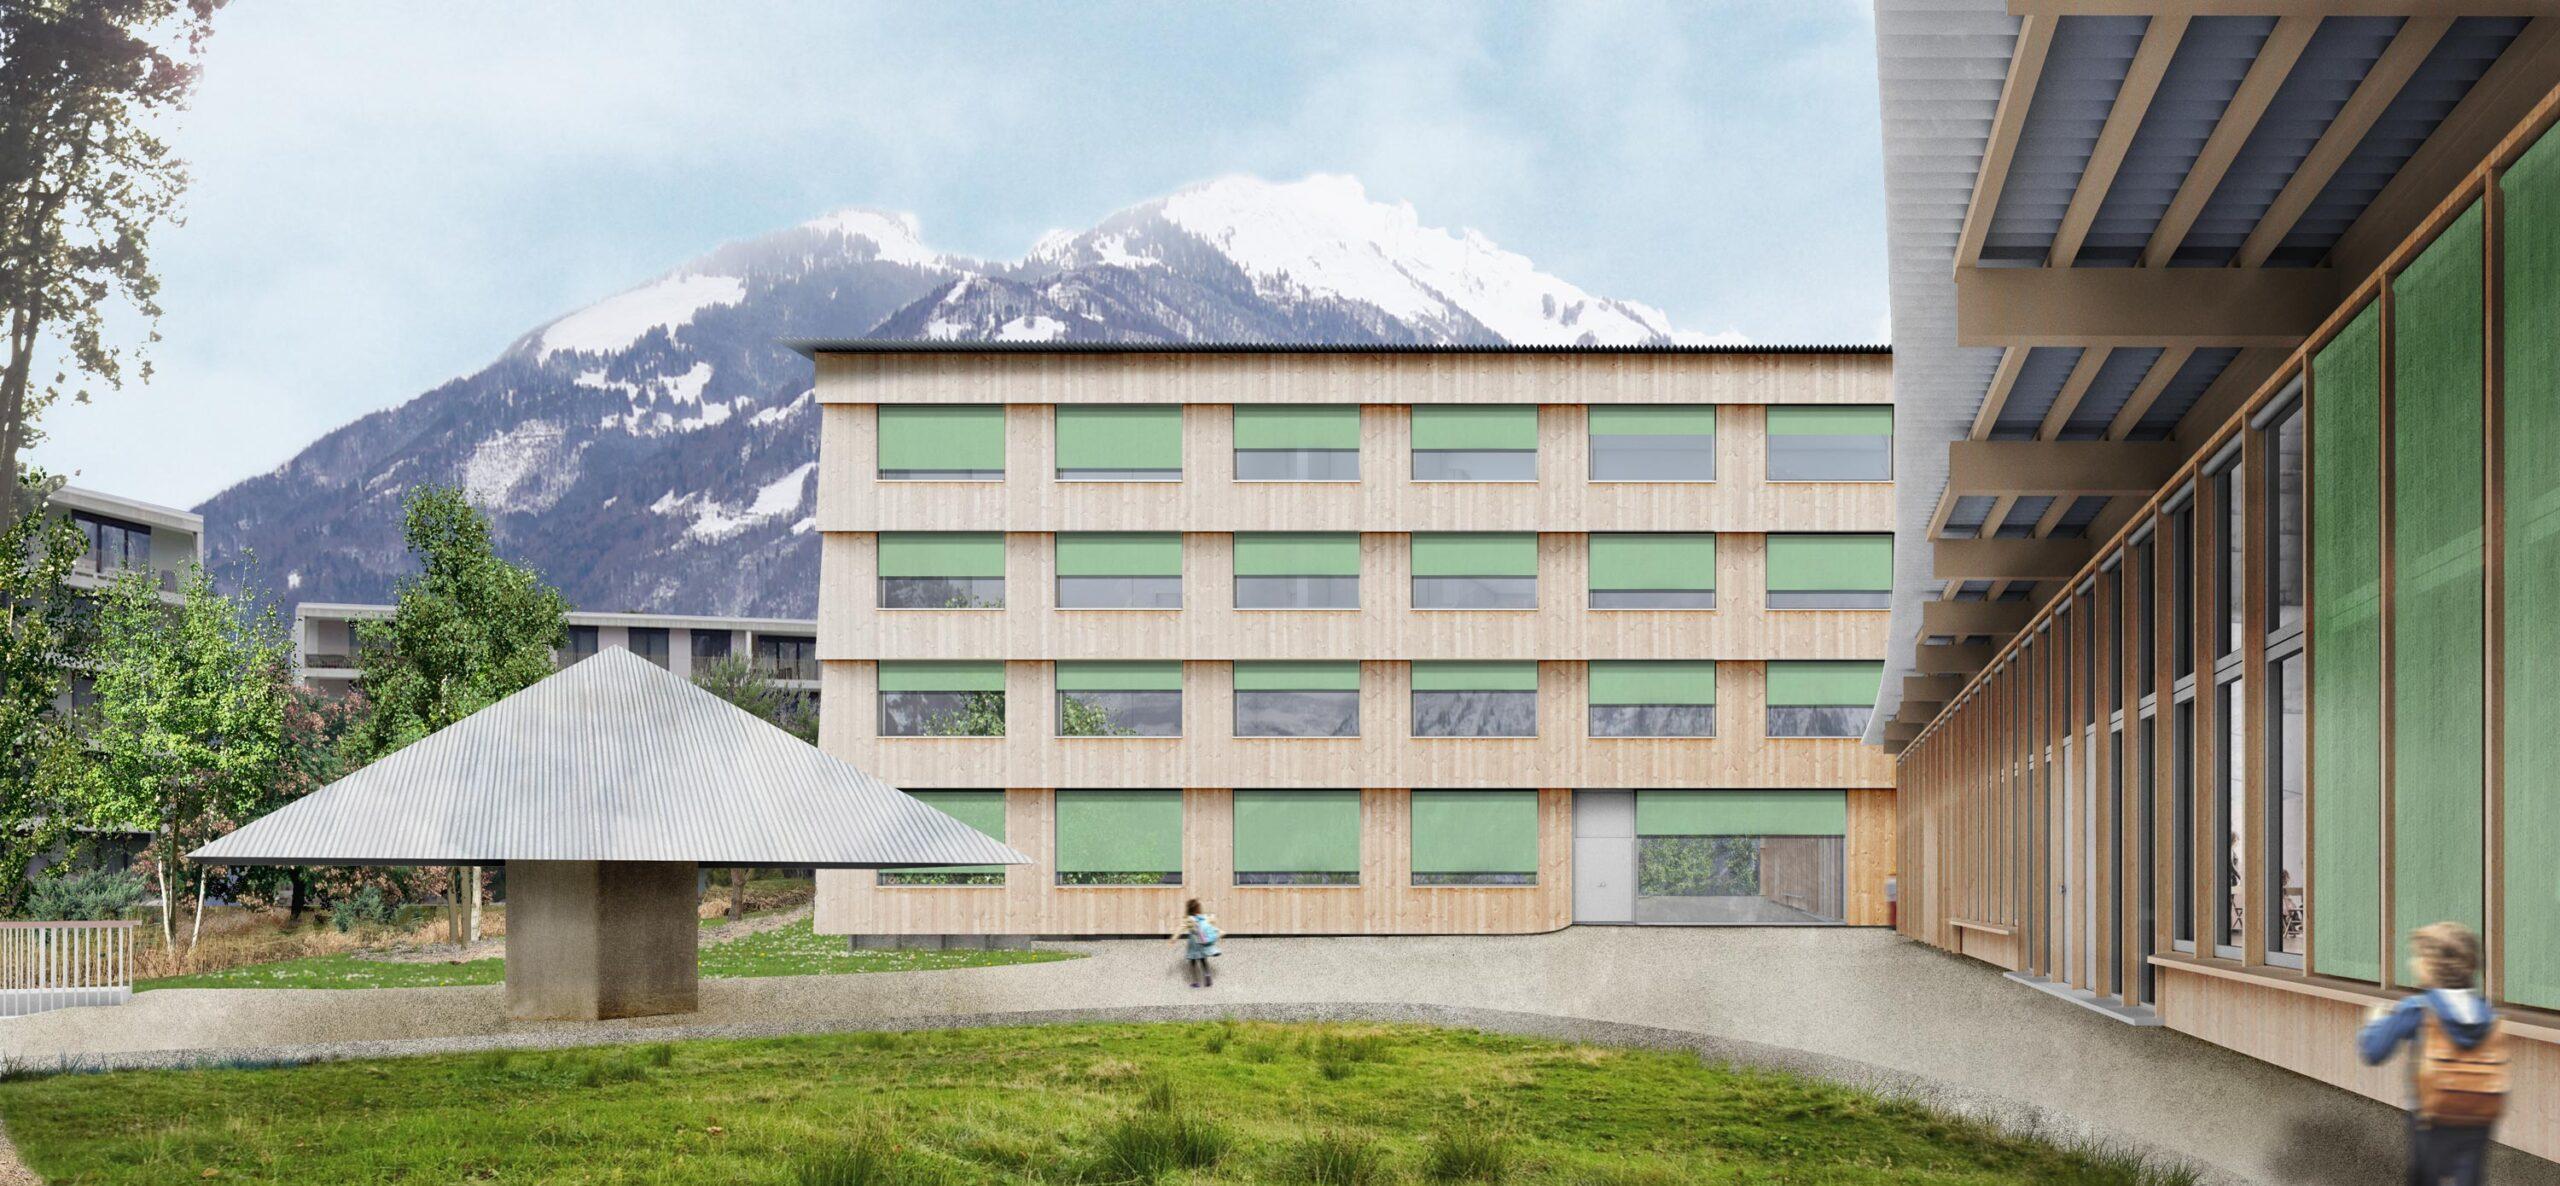 Schulhaus mit Tagesstruktur